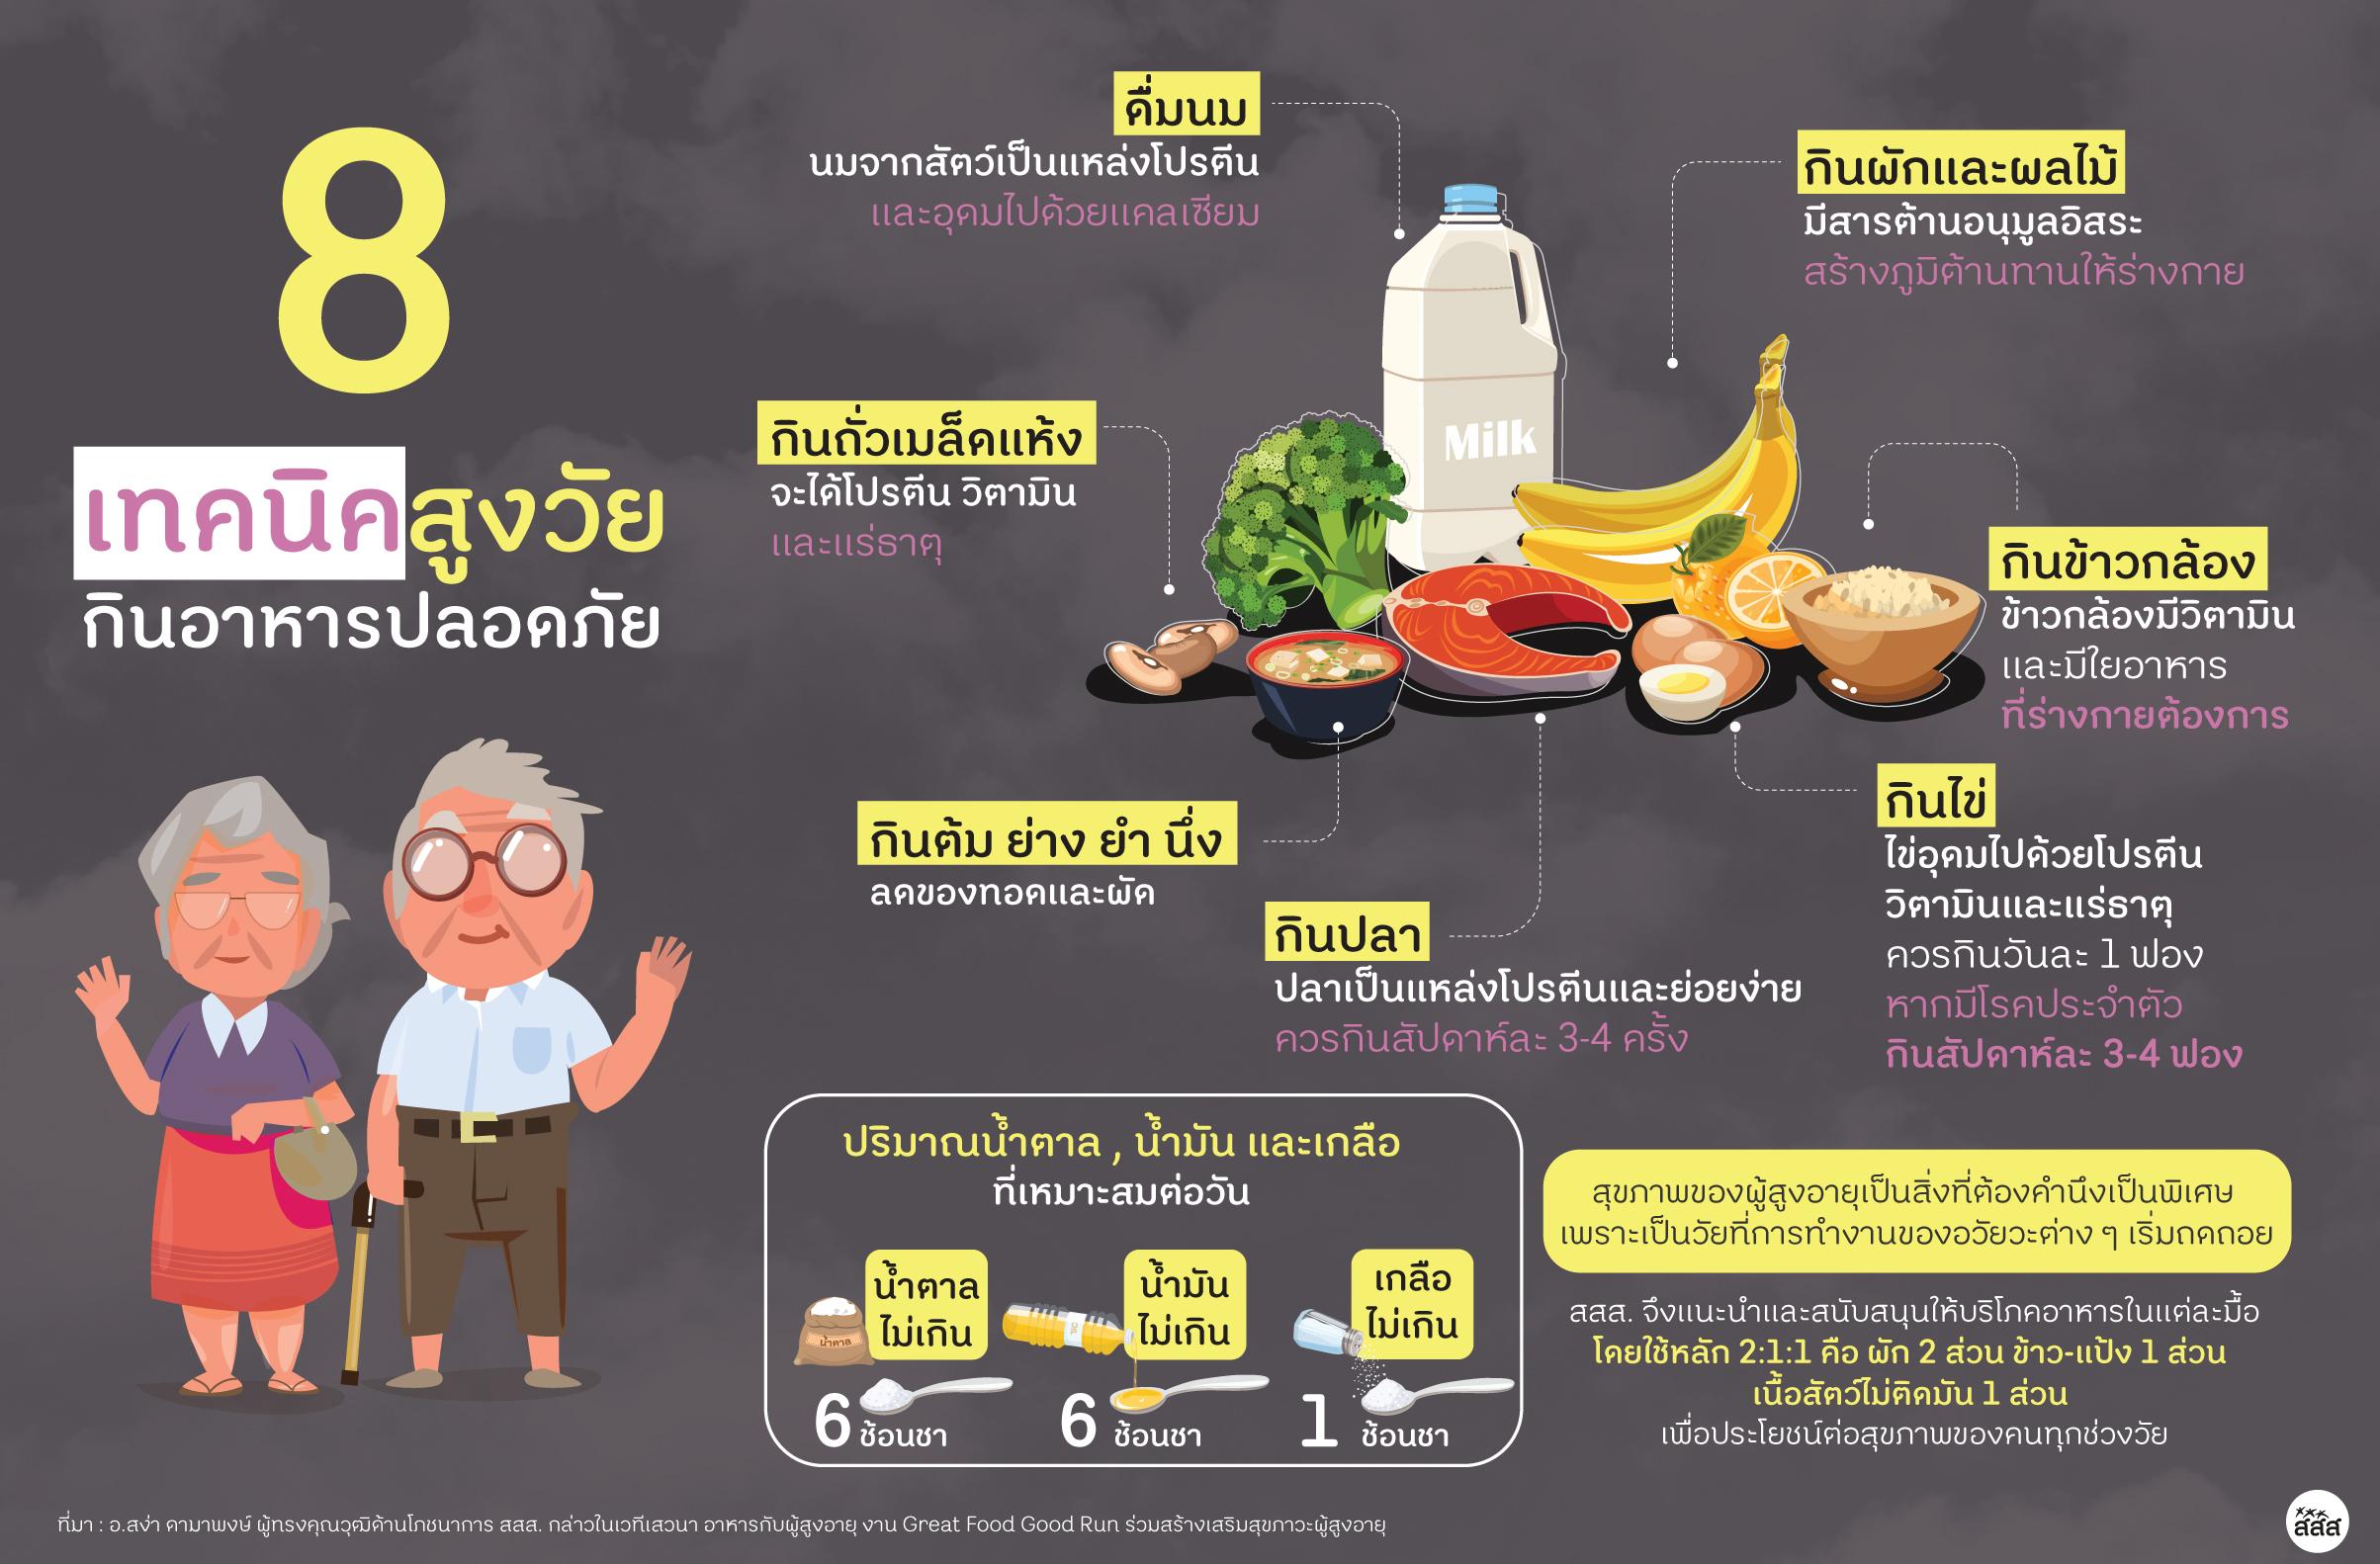 8 เทคนิคสูงวัย กินอาหารปลอดภัย thaihealth